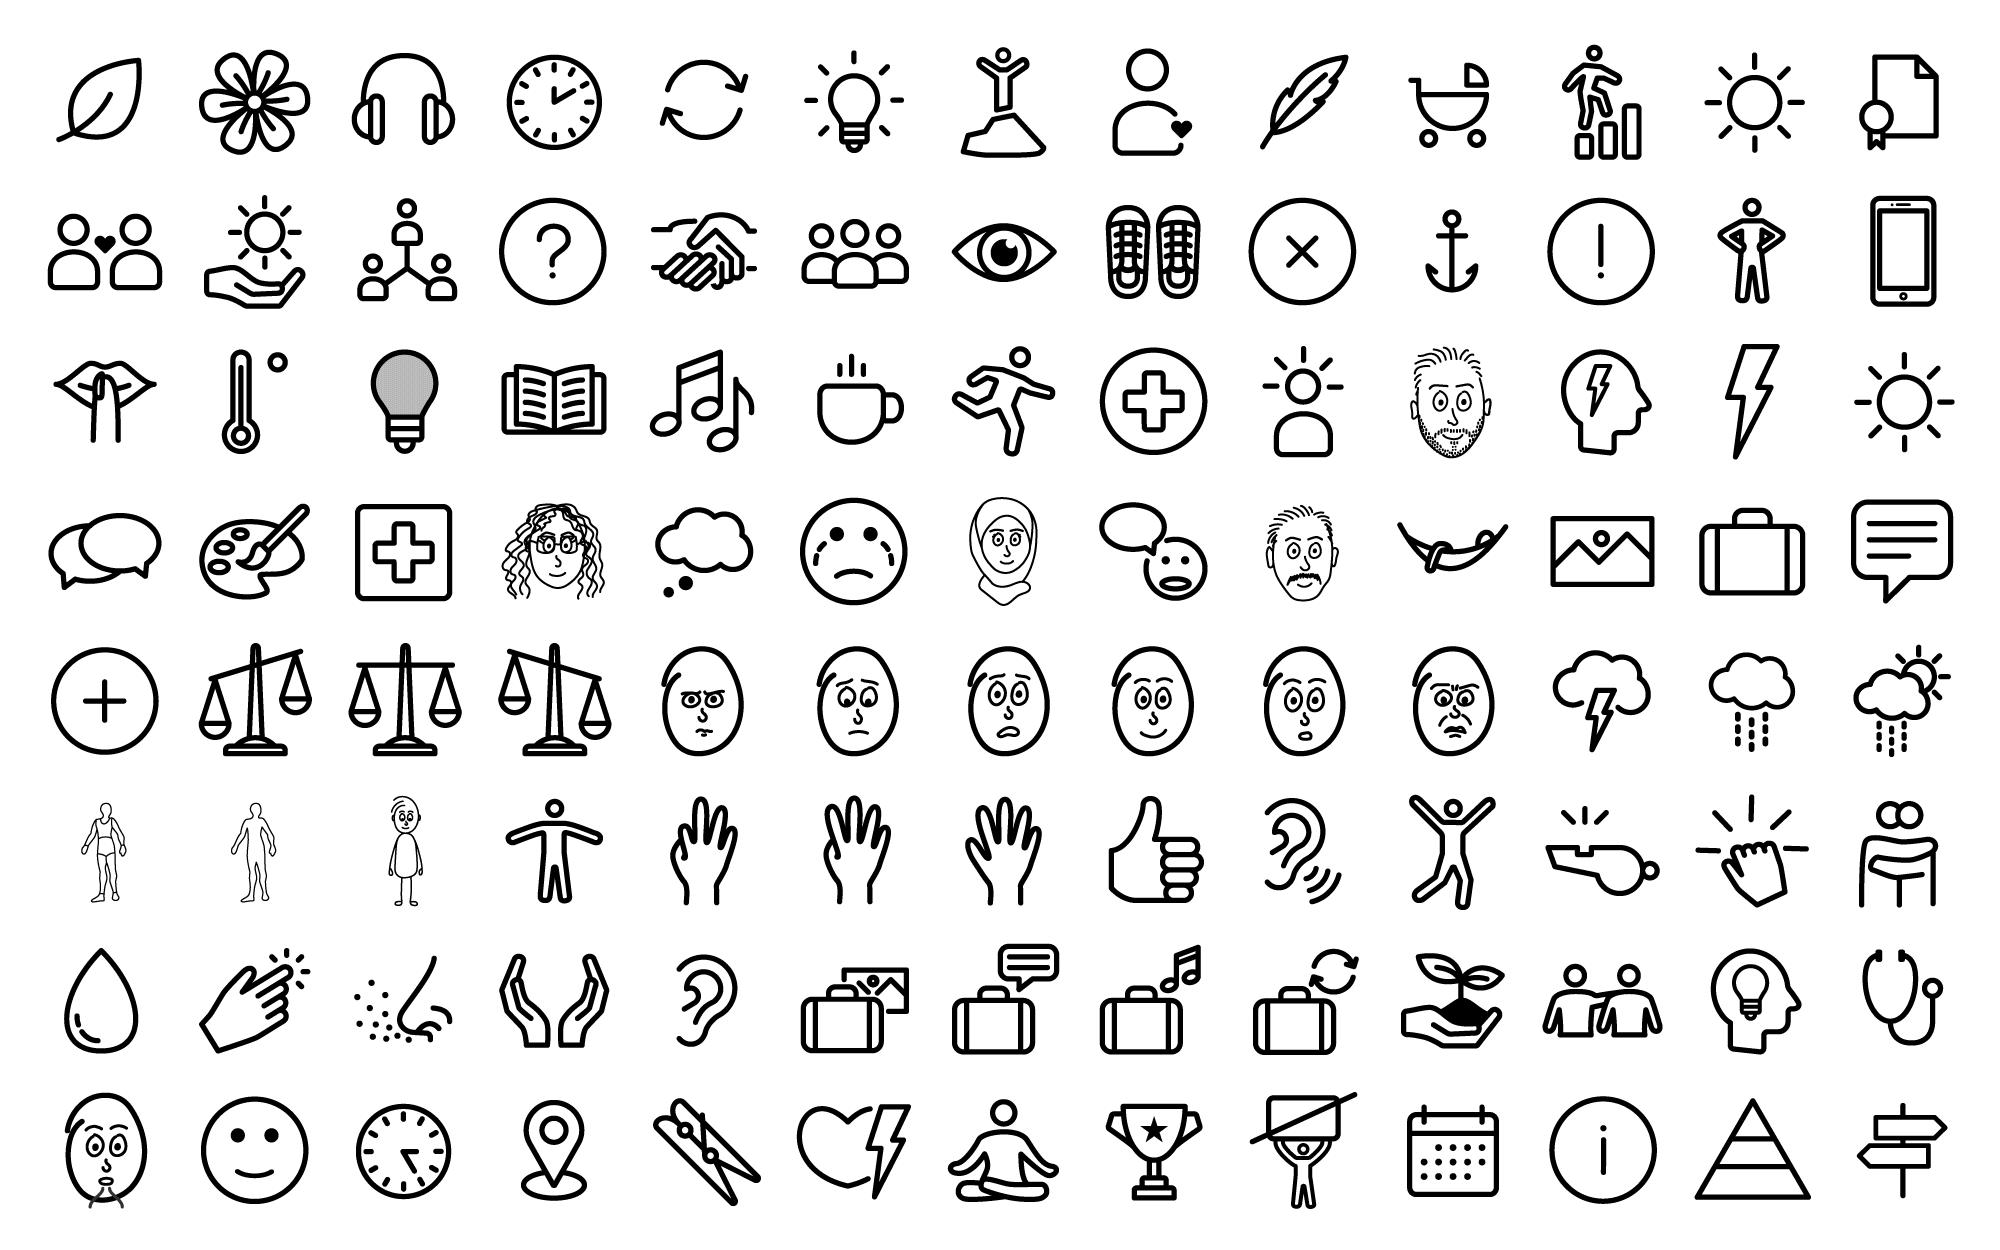 Über 100 Icons im Flat Design Look, passend zu den Videos der animierten Erklärvideoserie.